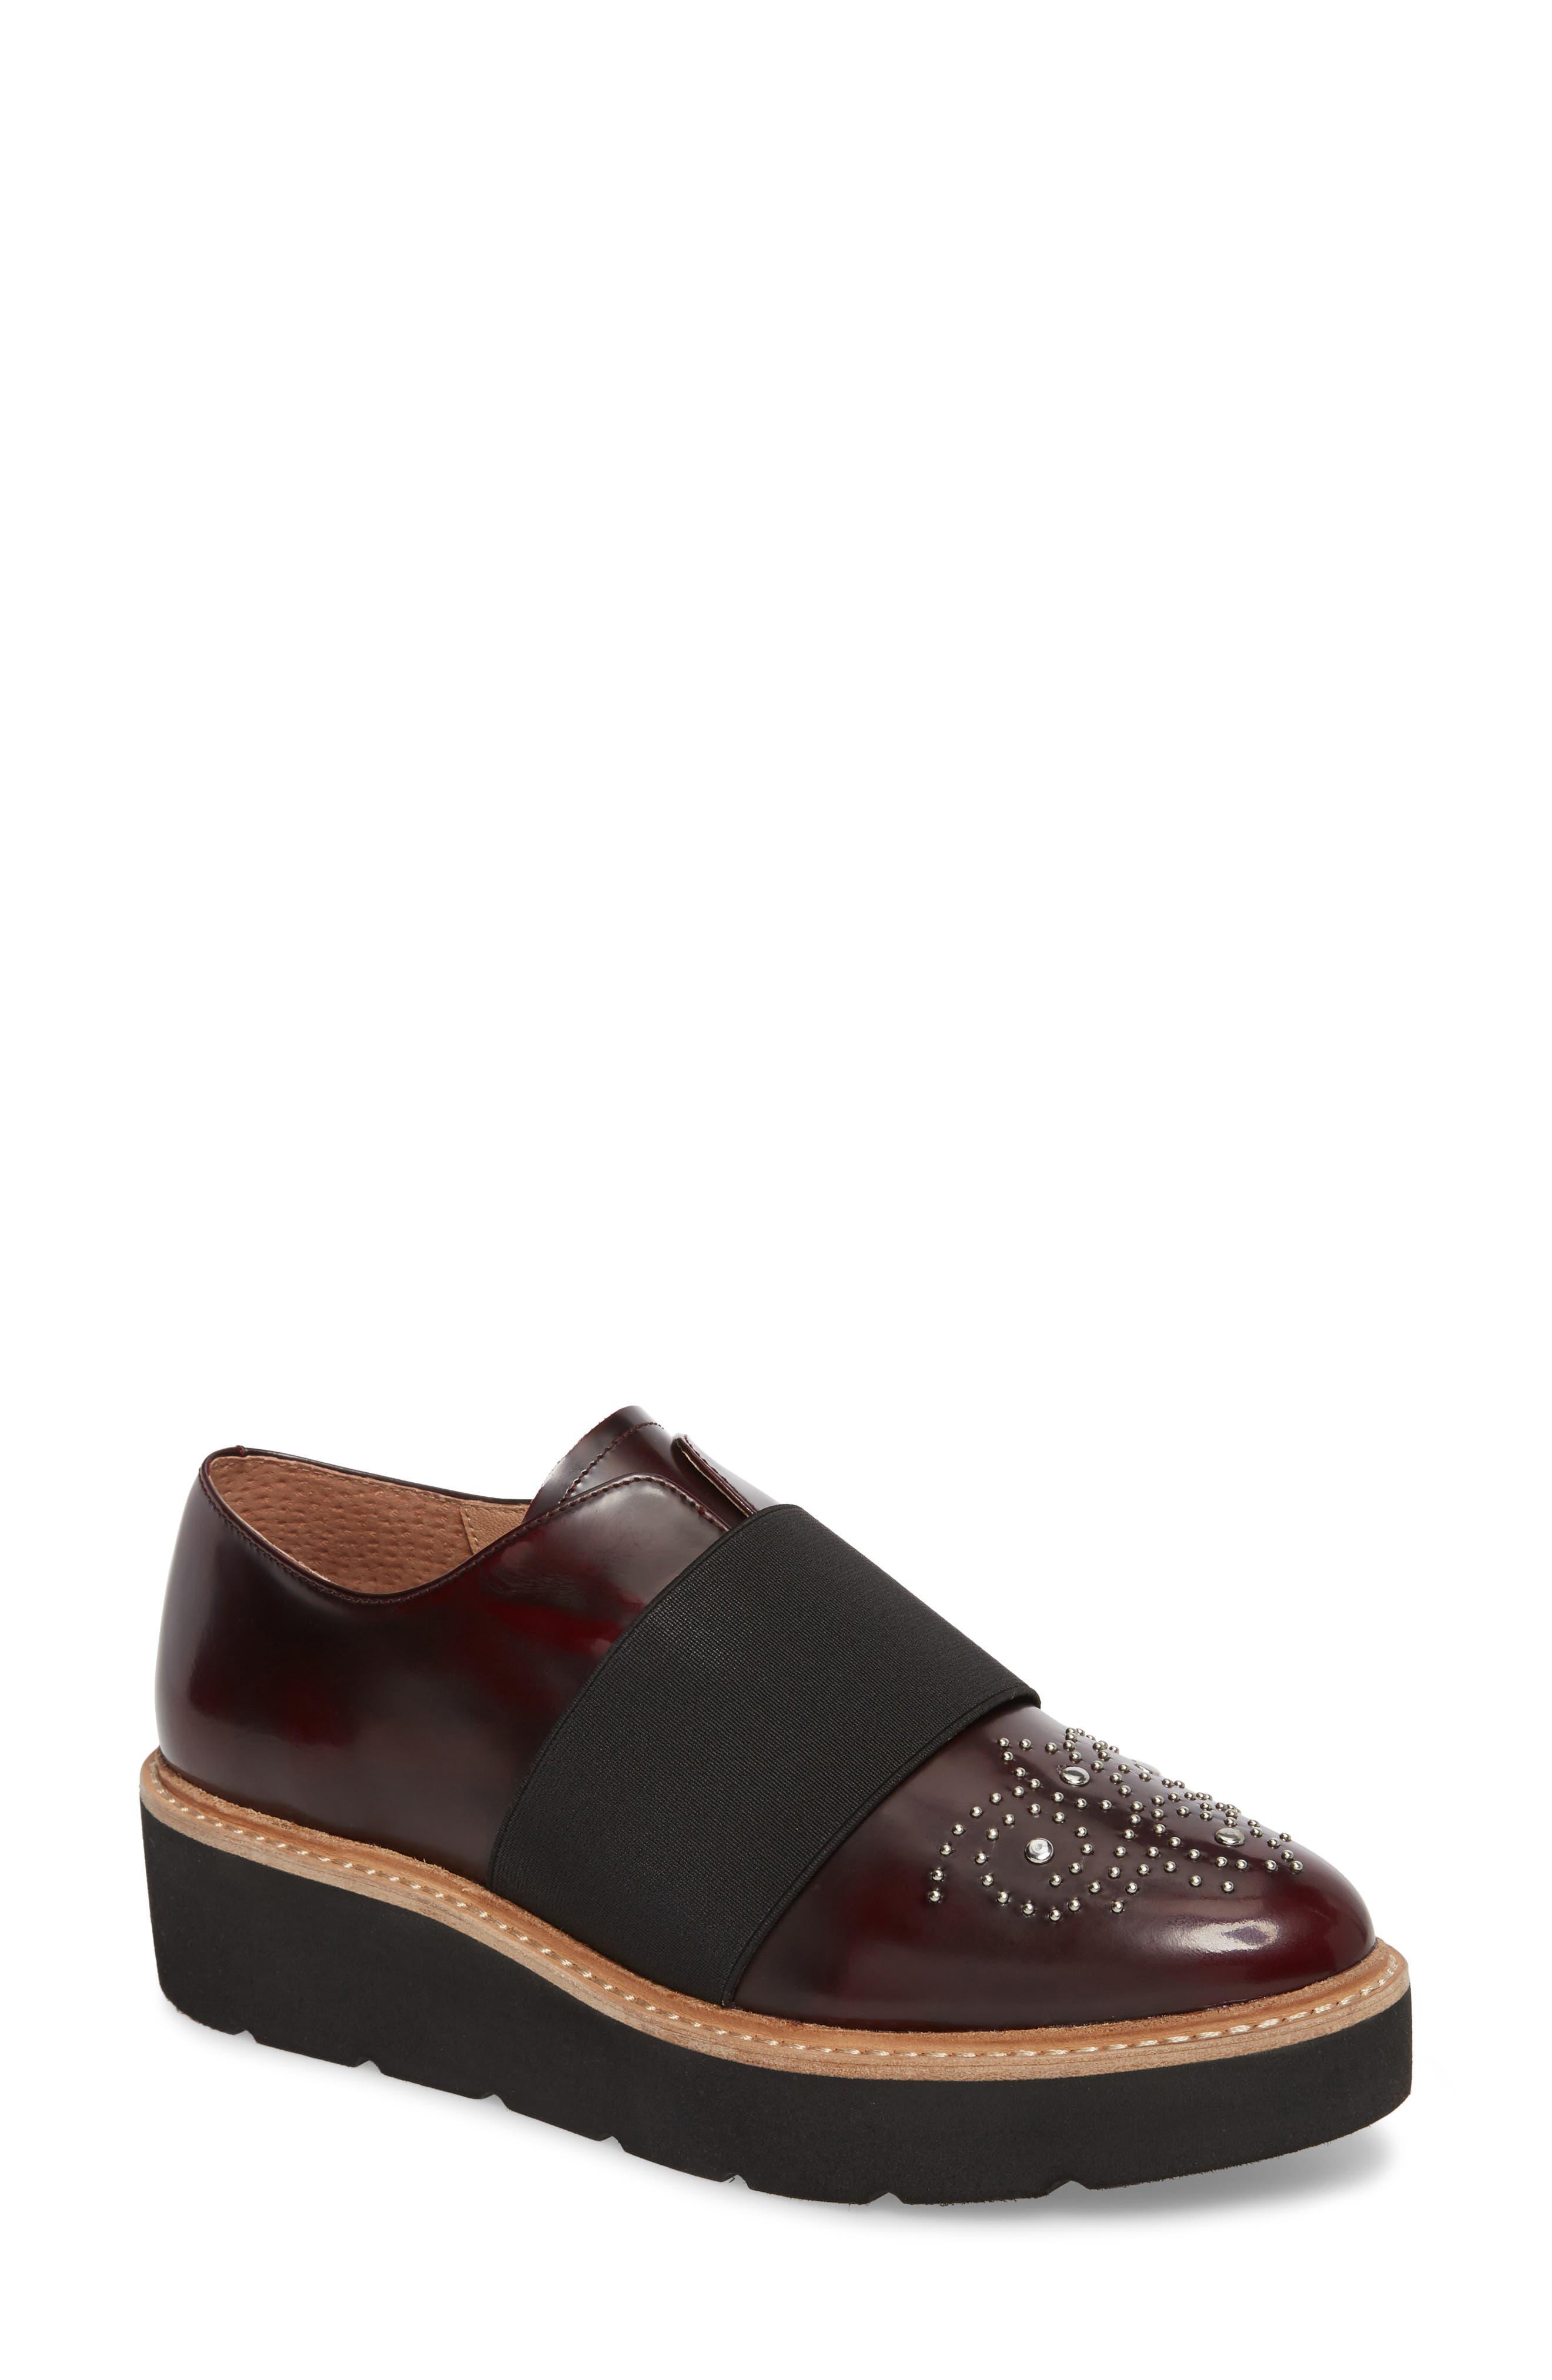 Jenna Platform Loafer,                         Main,                         color, Burgundy Leather